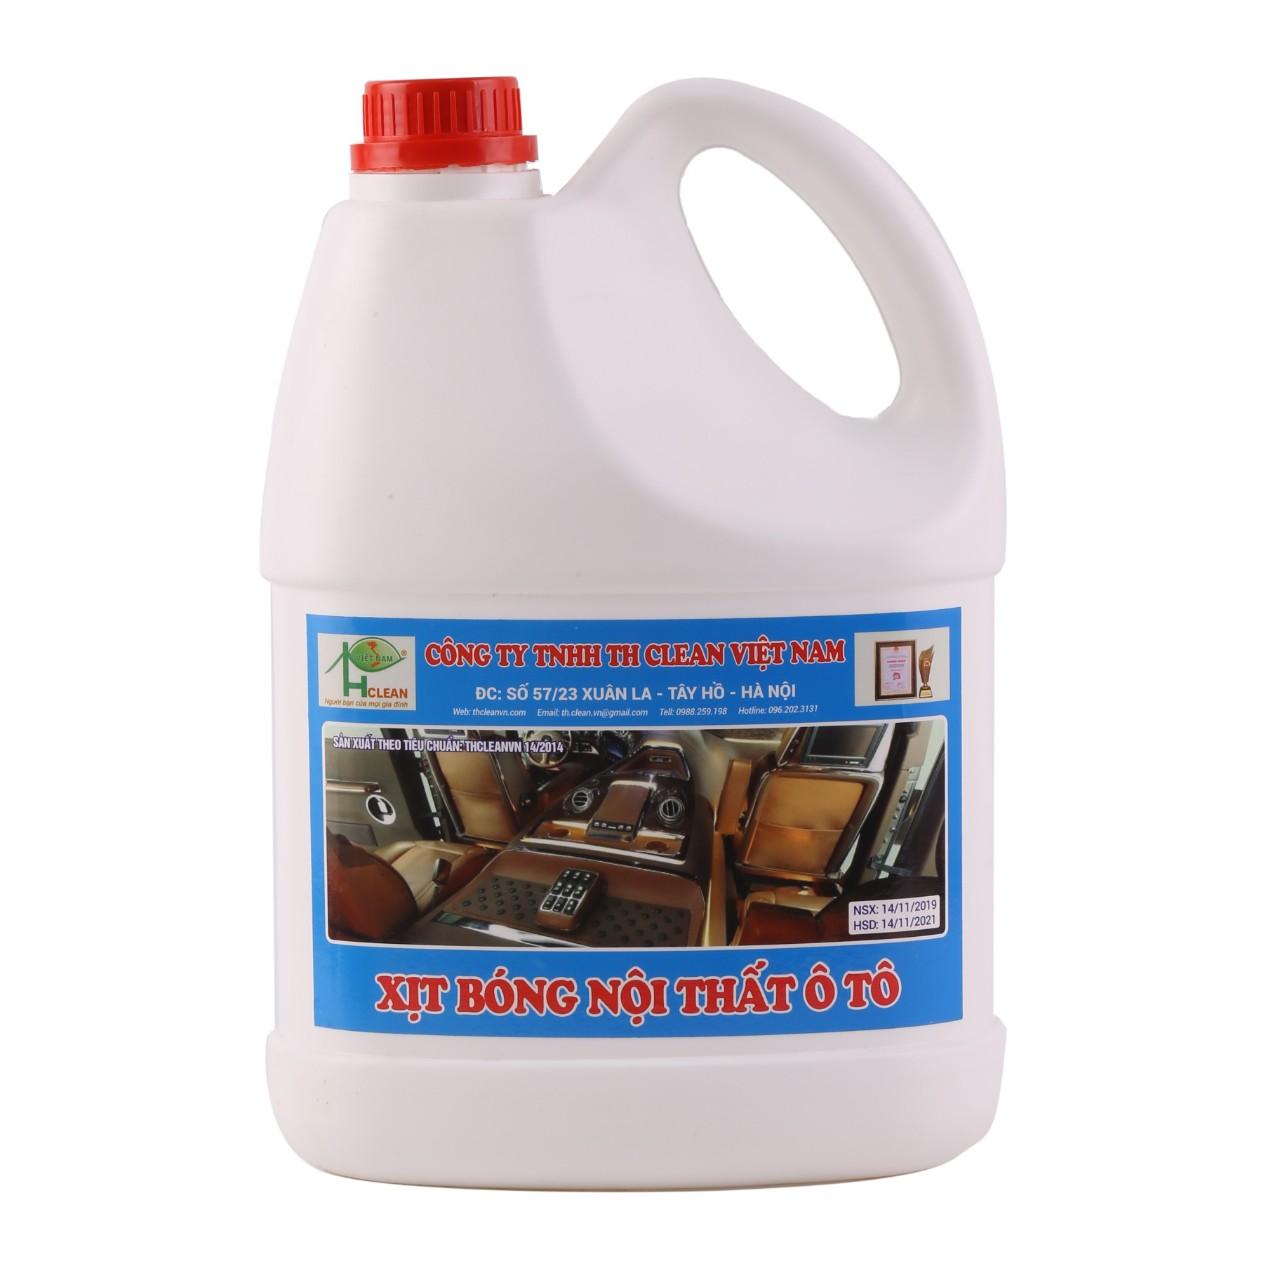 Nước xịt bóng nội thất ô tô TH CLEAN can 4L